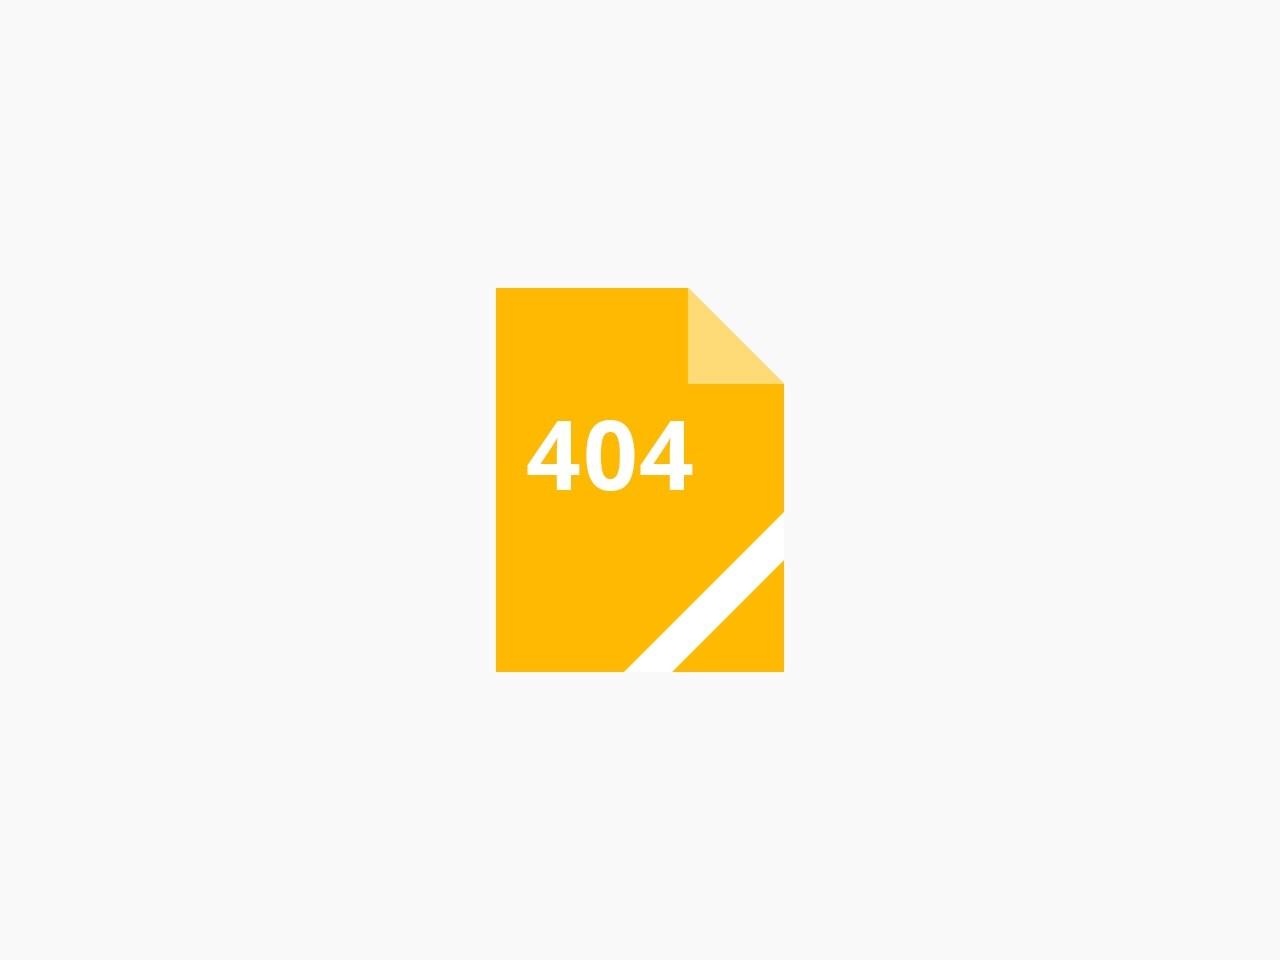 バズ・イングリッシュスタジオ